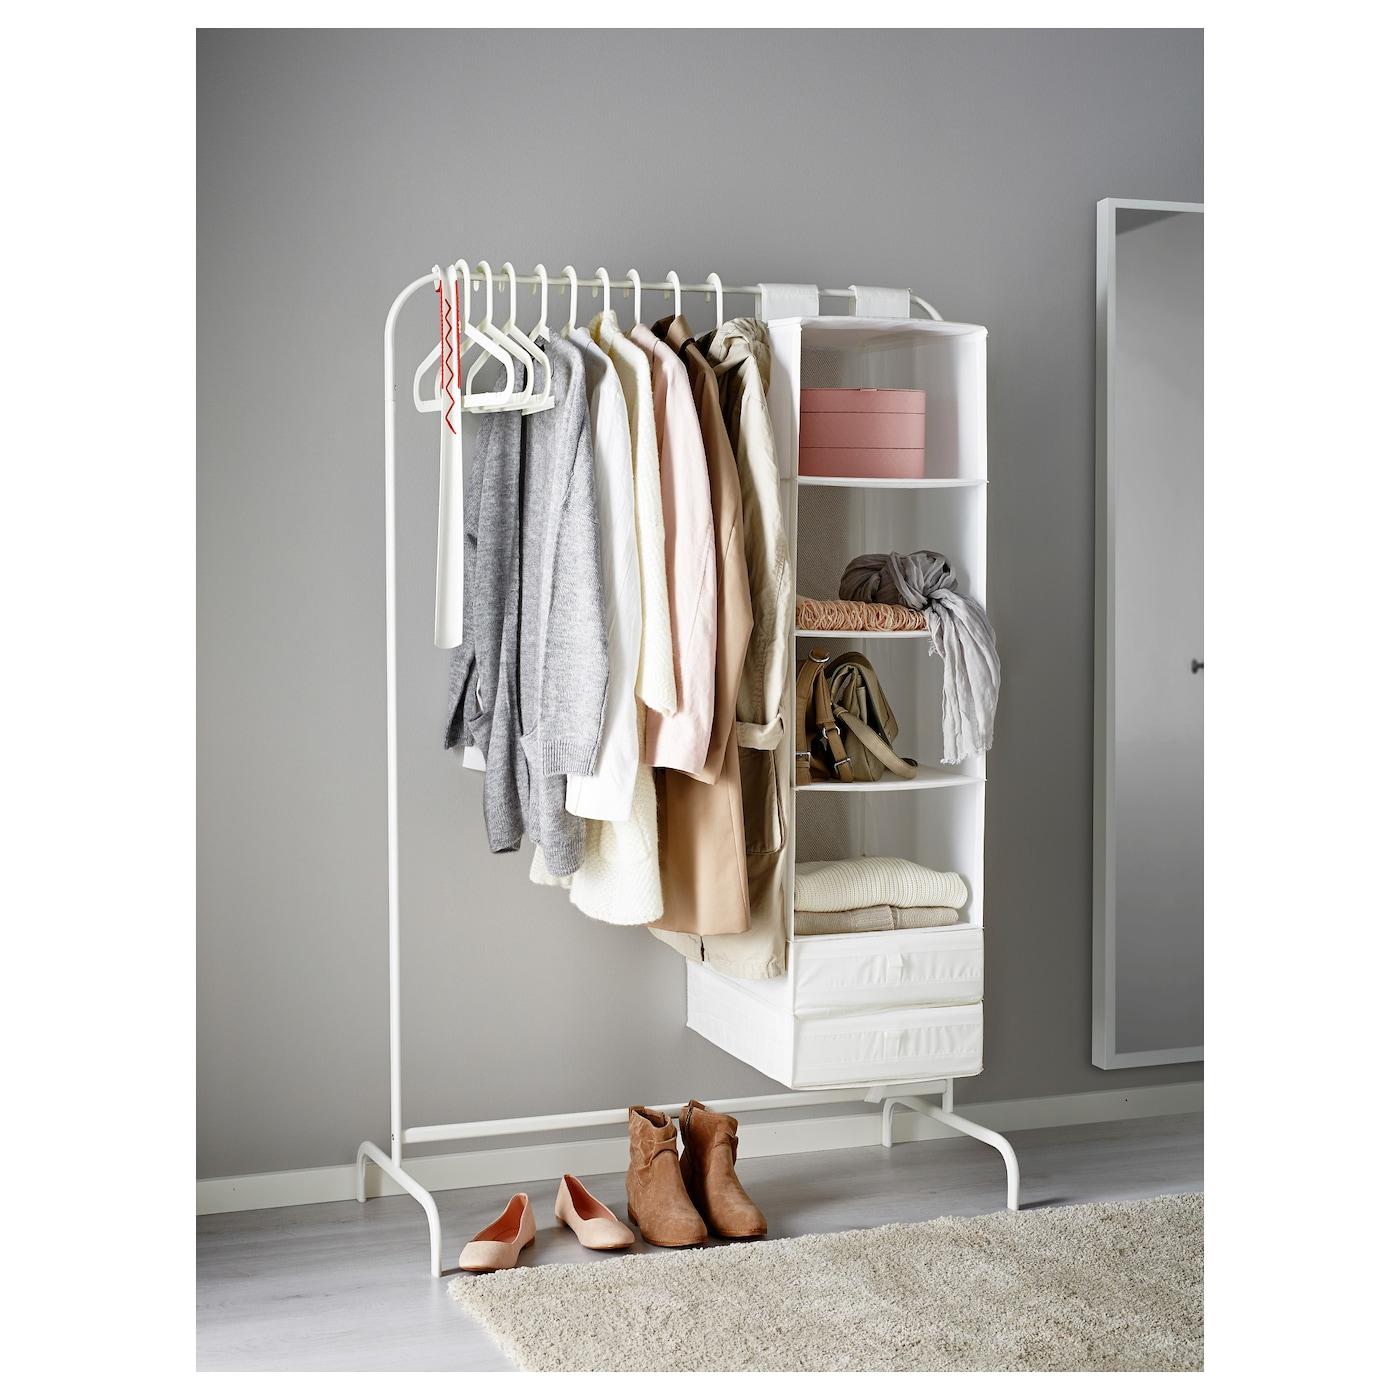 洋服ラックを使った収納アイデア例